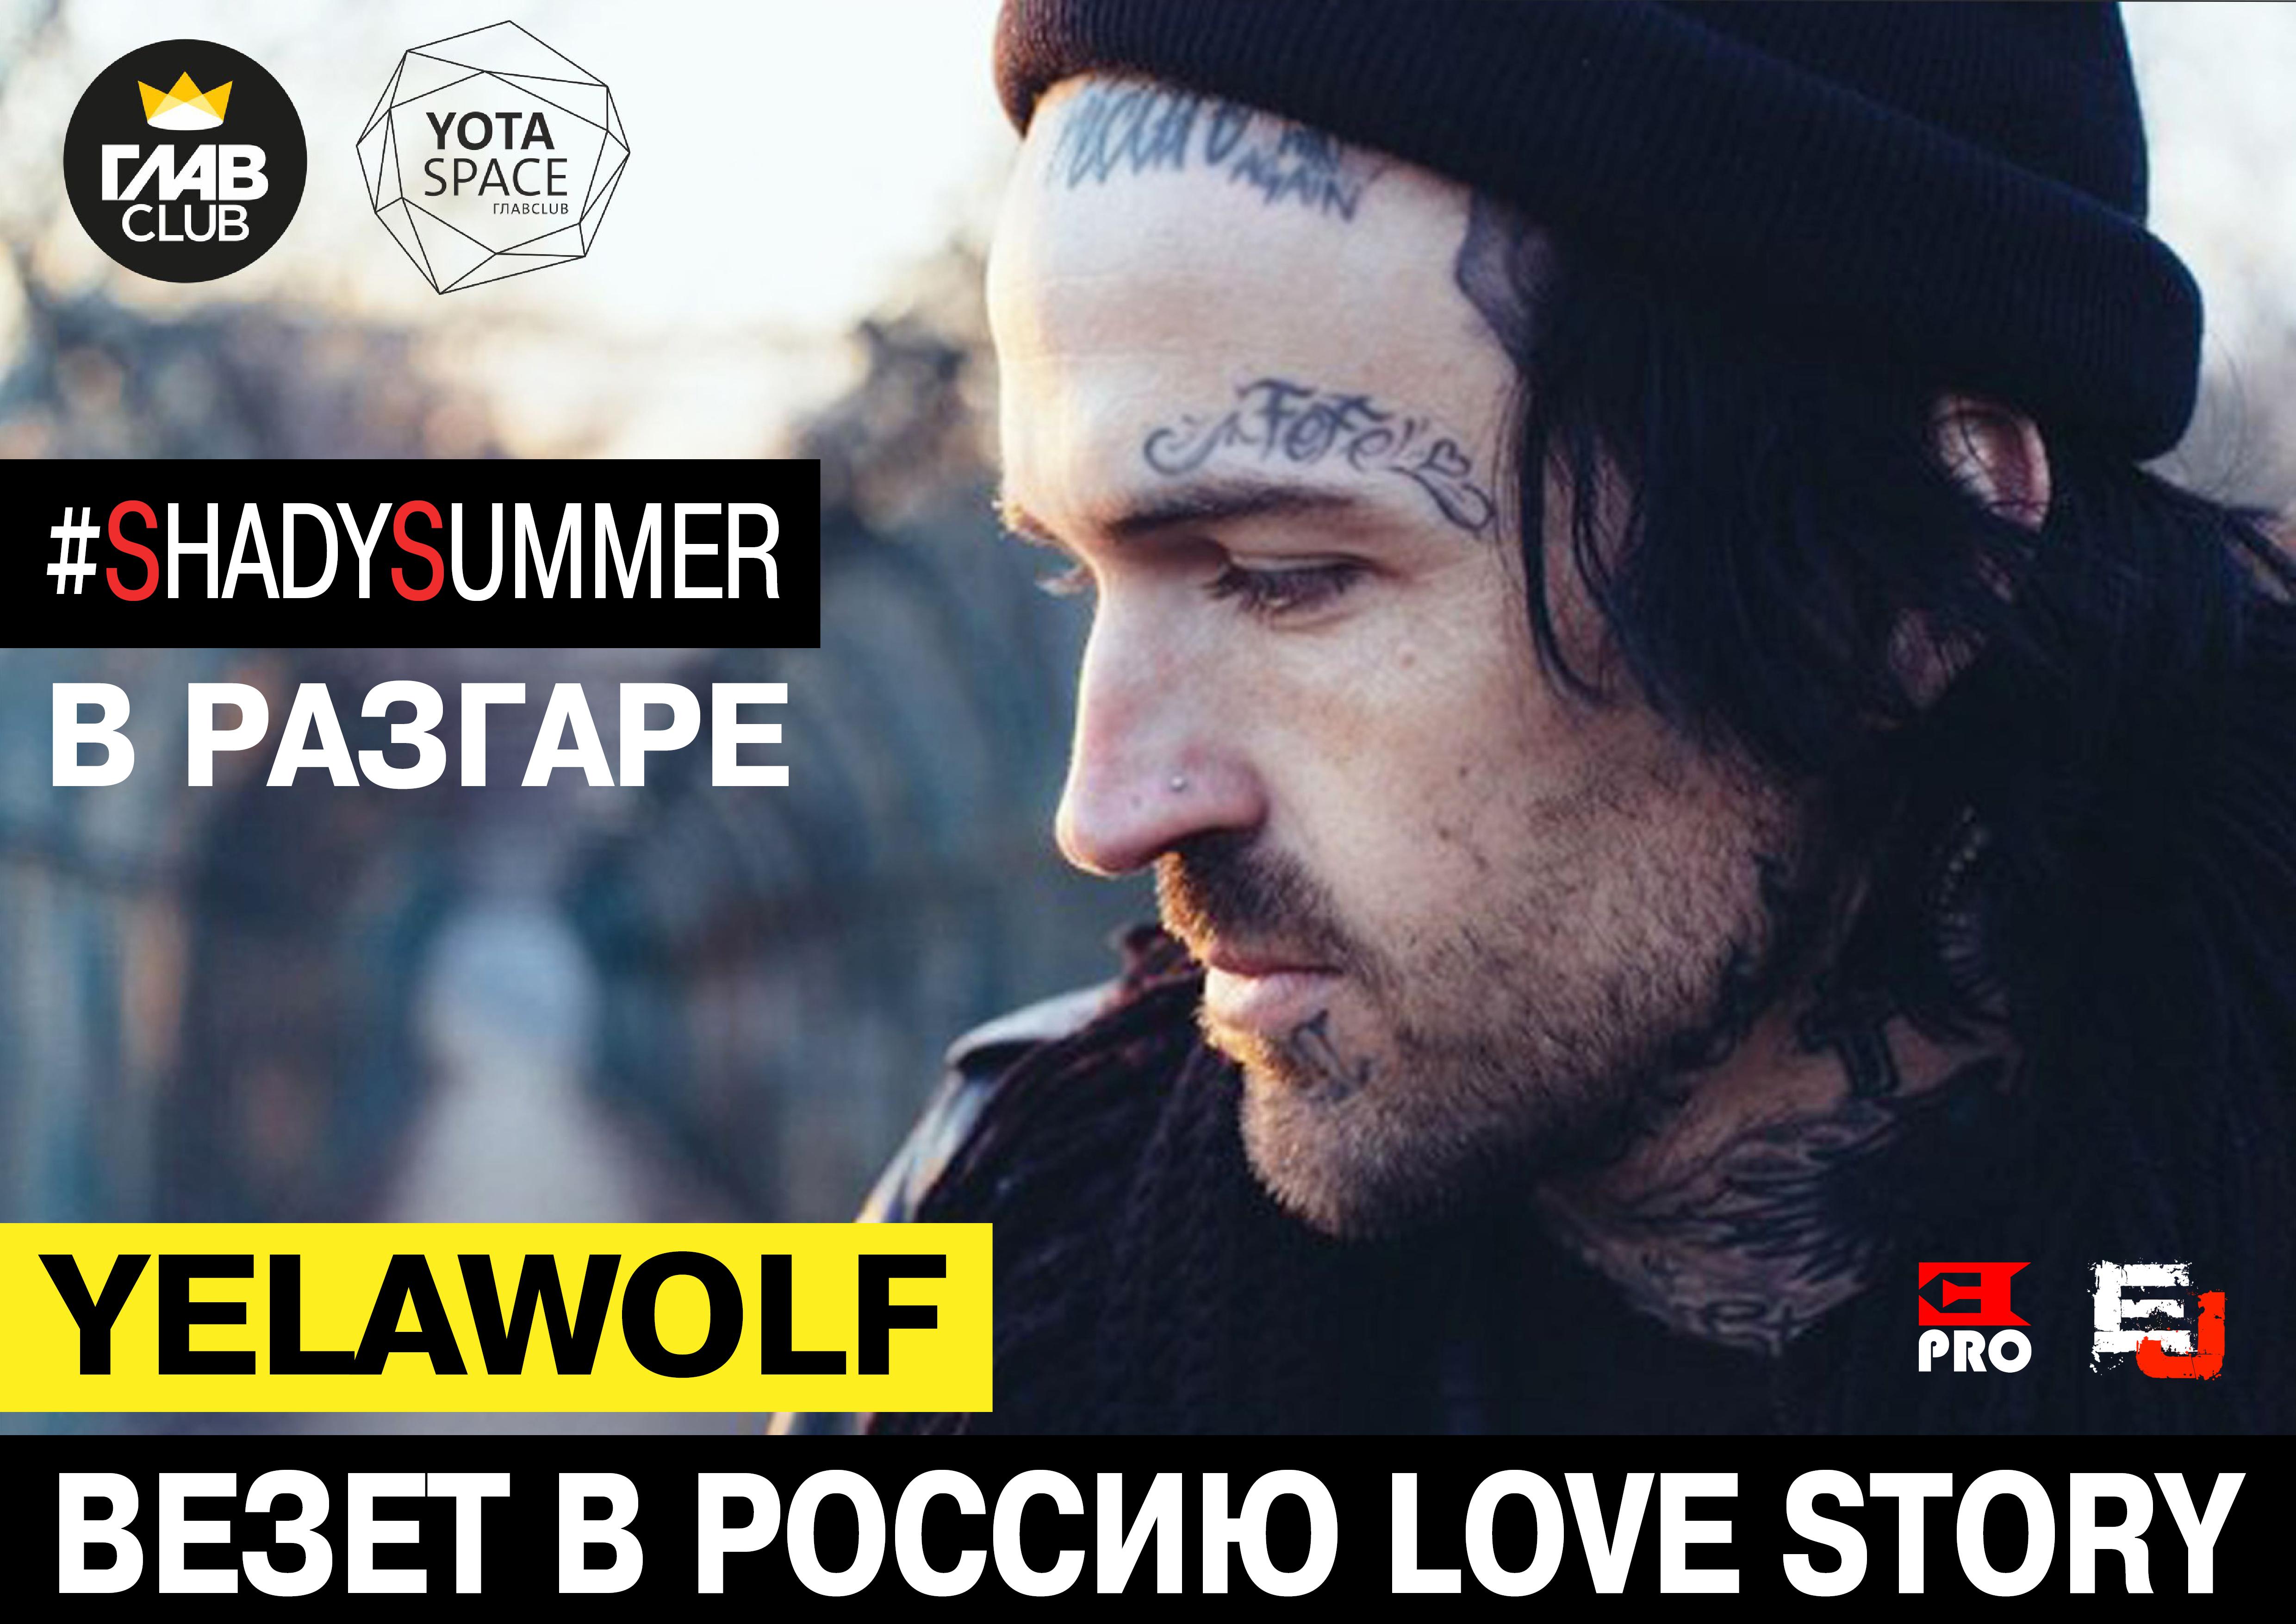 Билет на концерт Yelawolf в Москве и Санкт-Петербурге - Бесплатно!